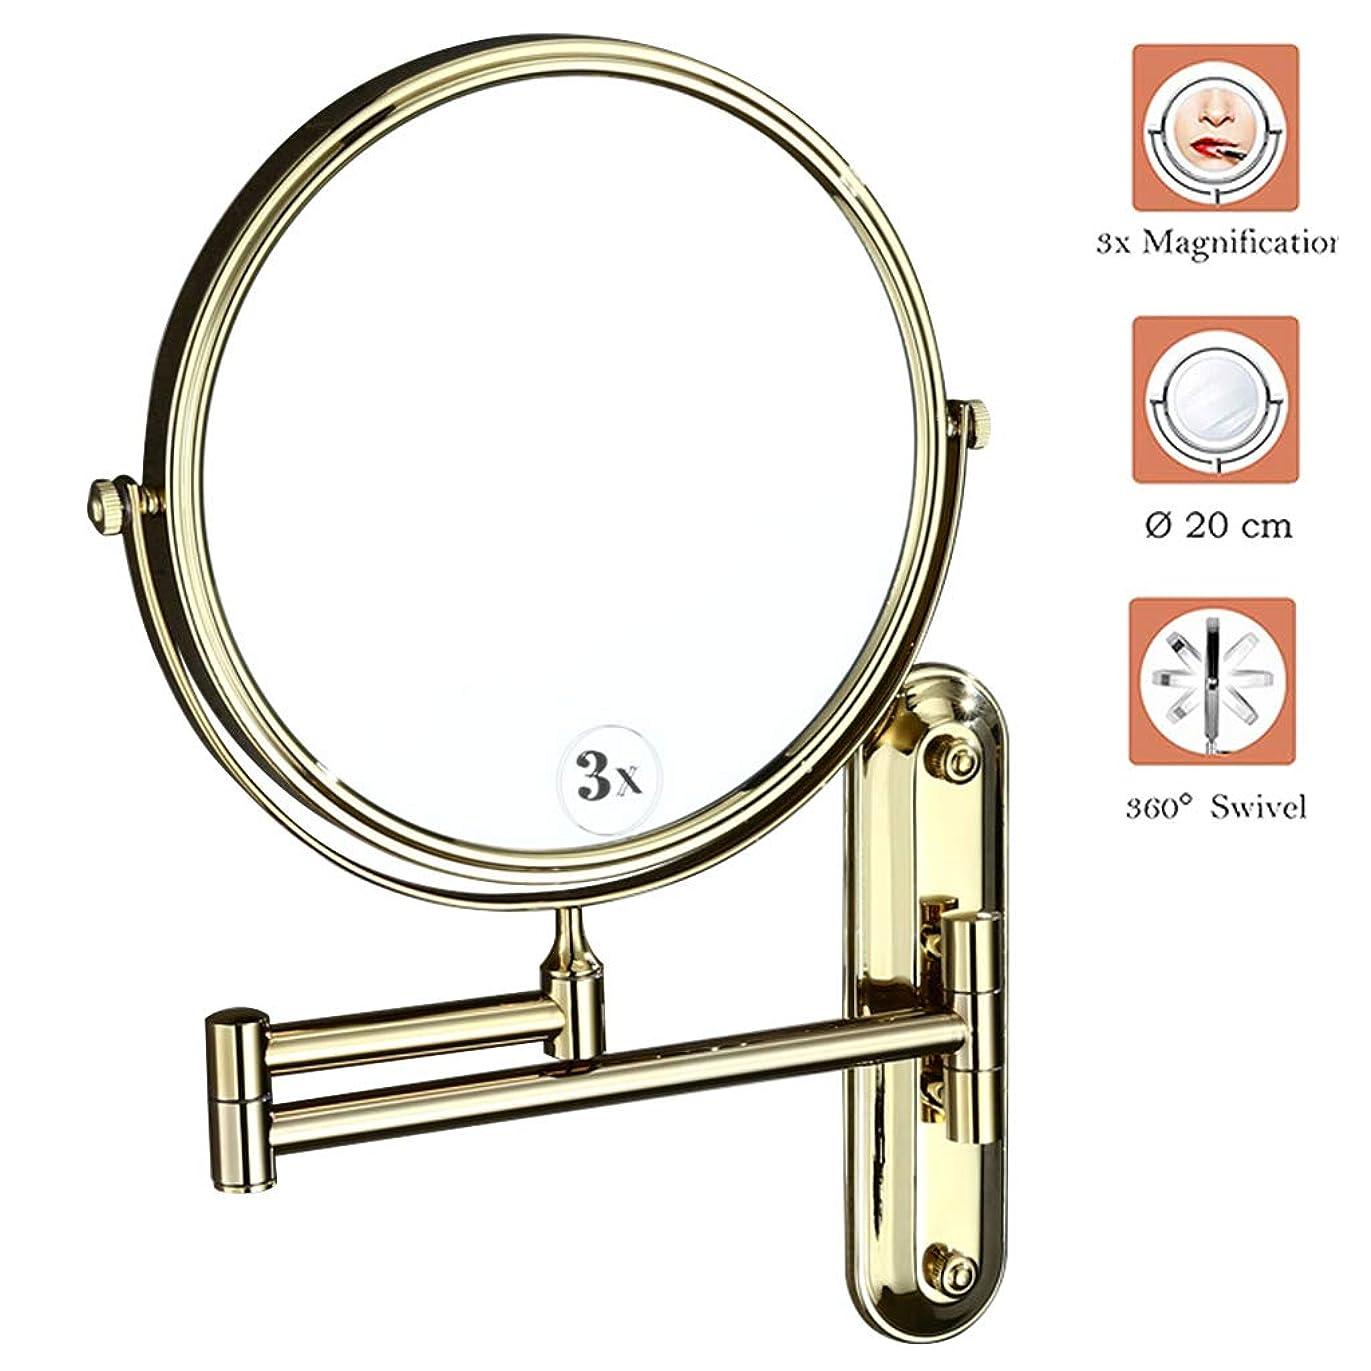 ドラムマグ真面目な拡大鏡付き壁掛け化粧鏡、壁掛け化粧鏡3x、両面シェービングミラースイベルバスルームミラービューティーミラー360°自由回転、丸型、設置が簡単、金色